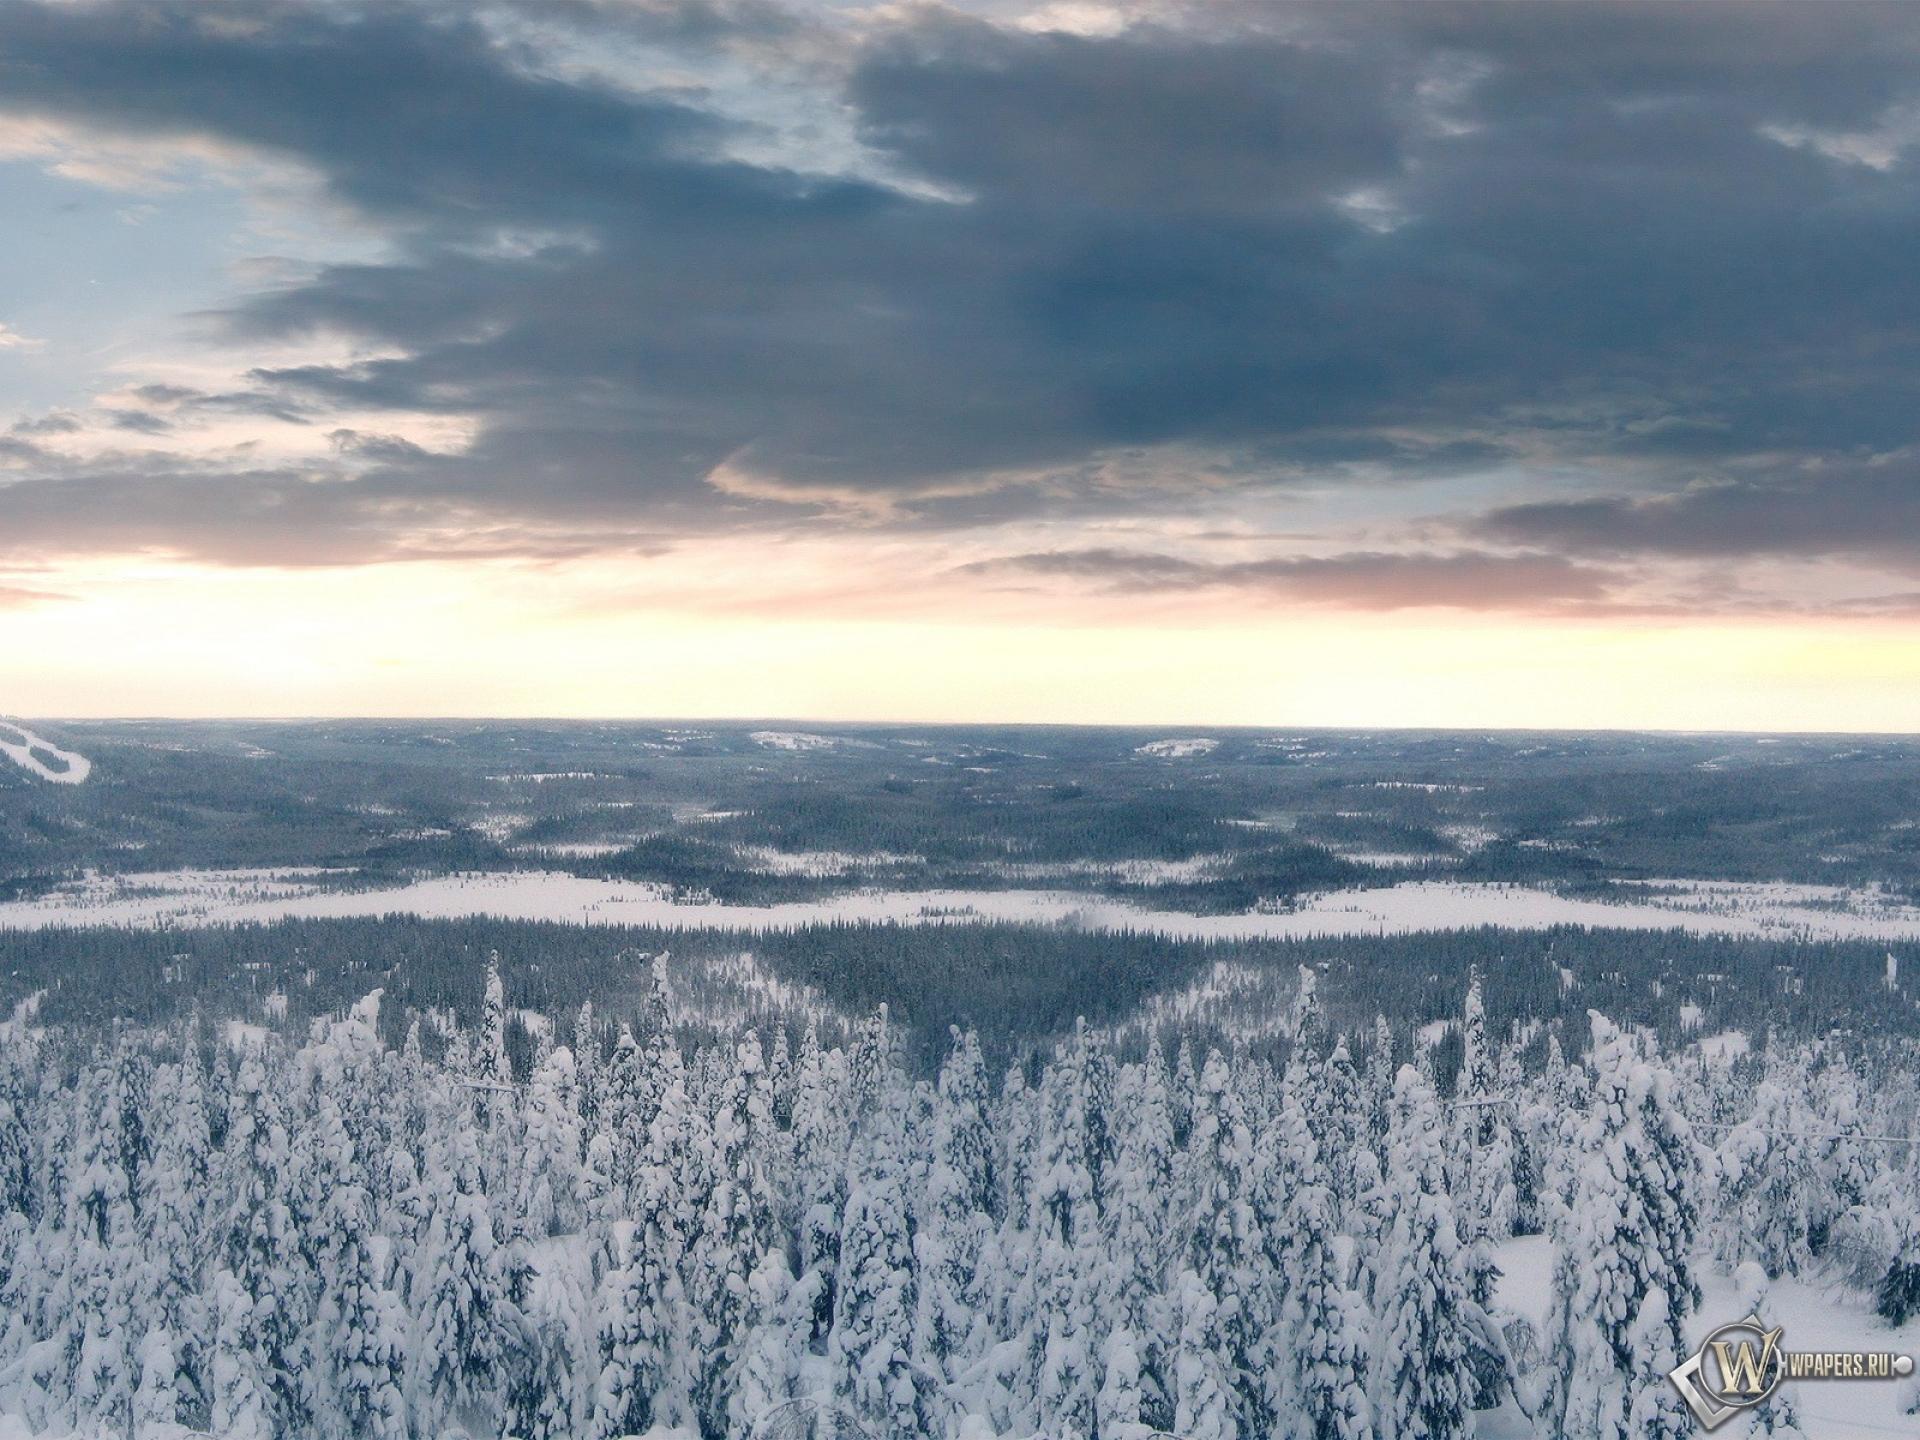 Скачать обои Зимние облака (Облака, Зима, Снег, Лес, Деревья) для ...